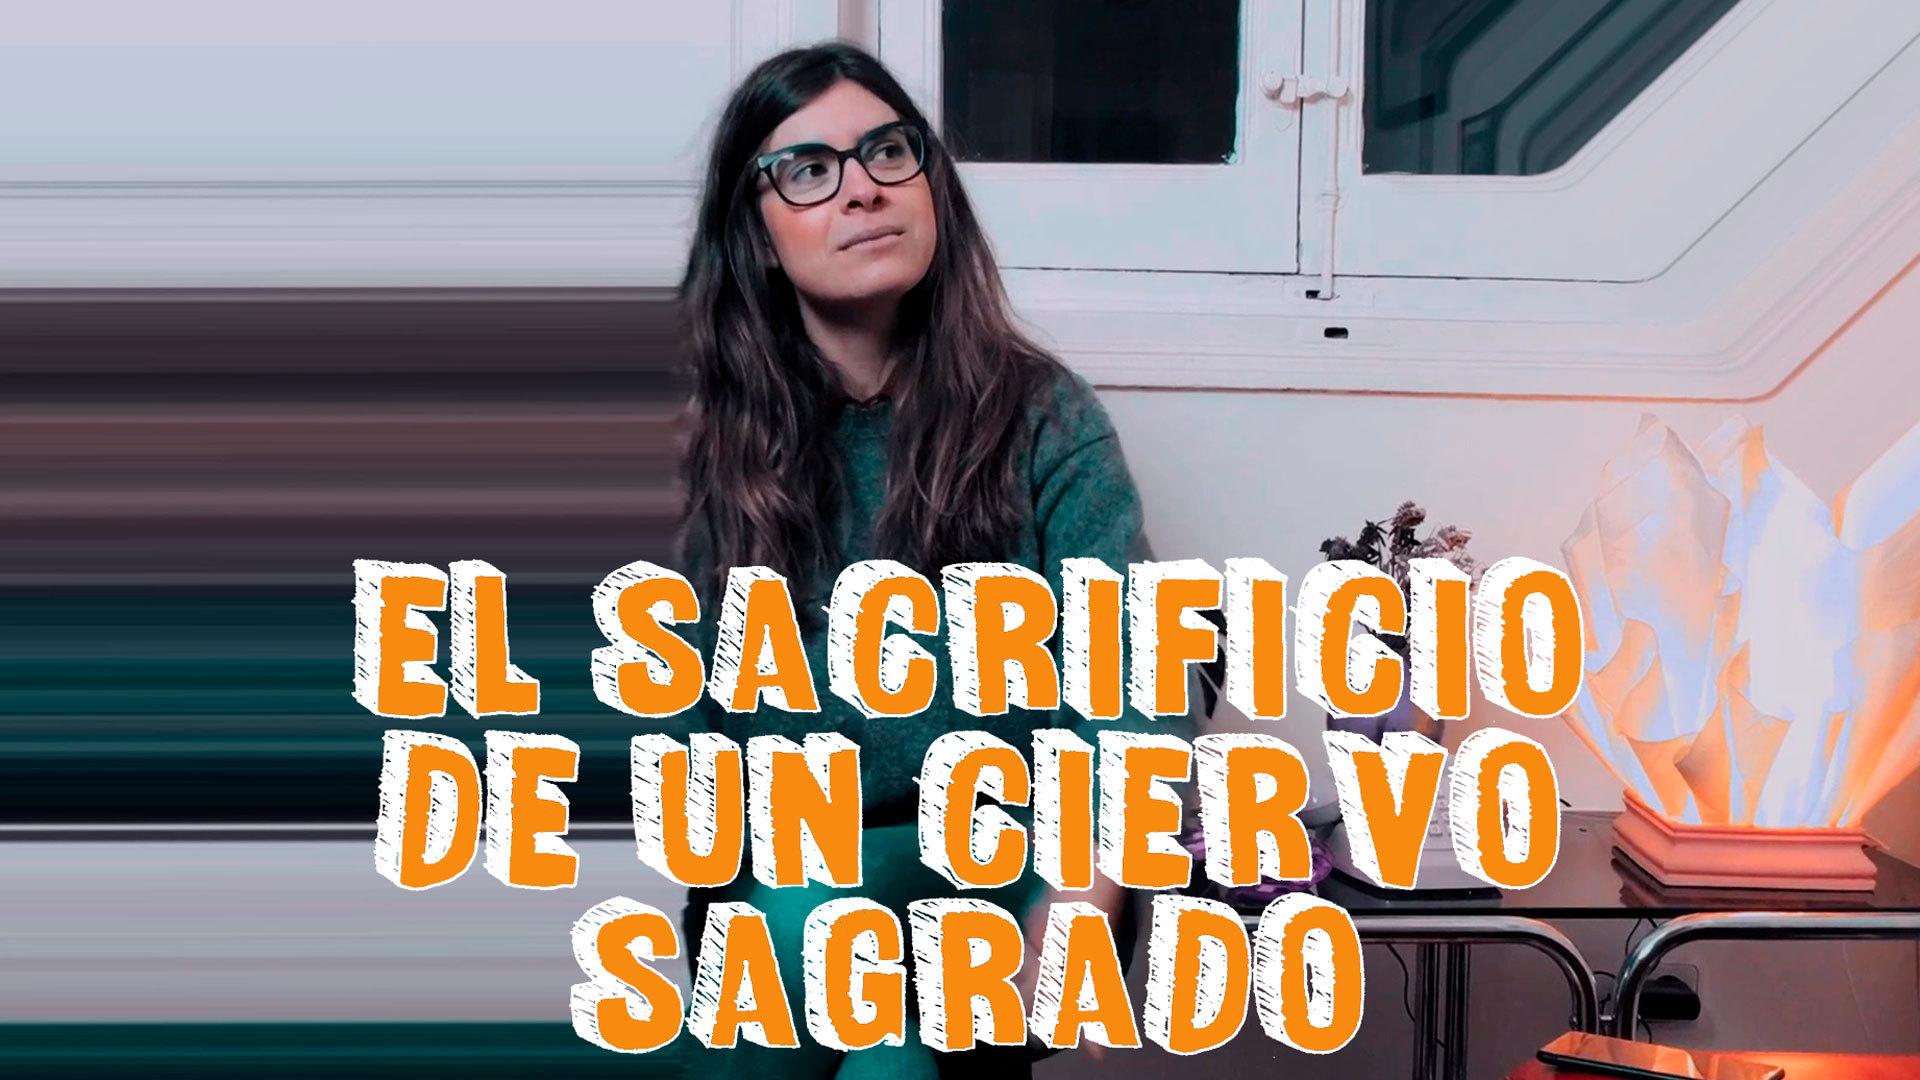 Temporada 1  El sacrificio de un ciervo sagrado